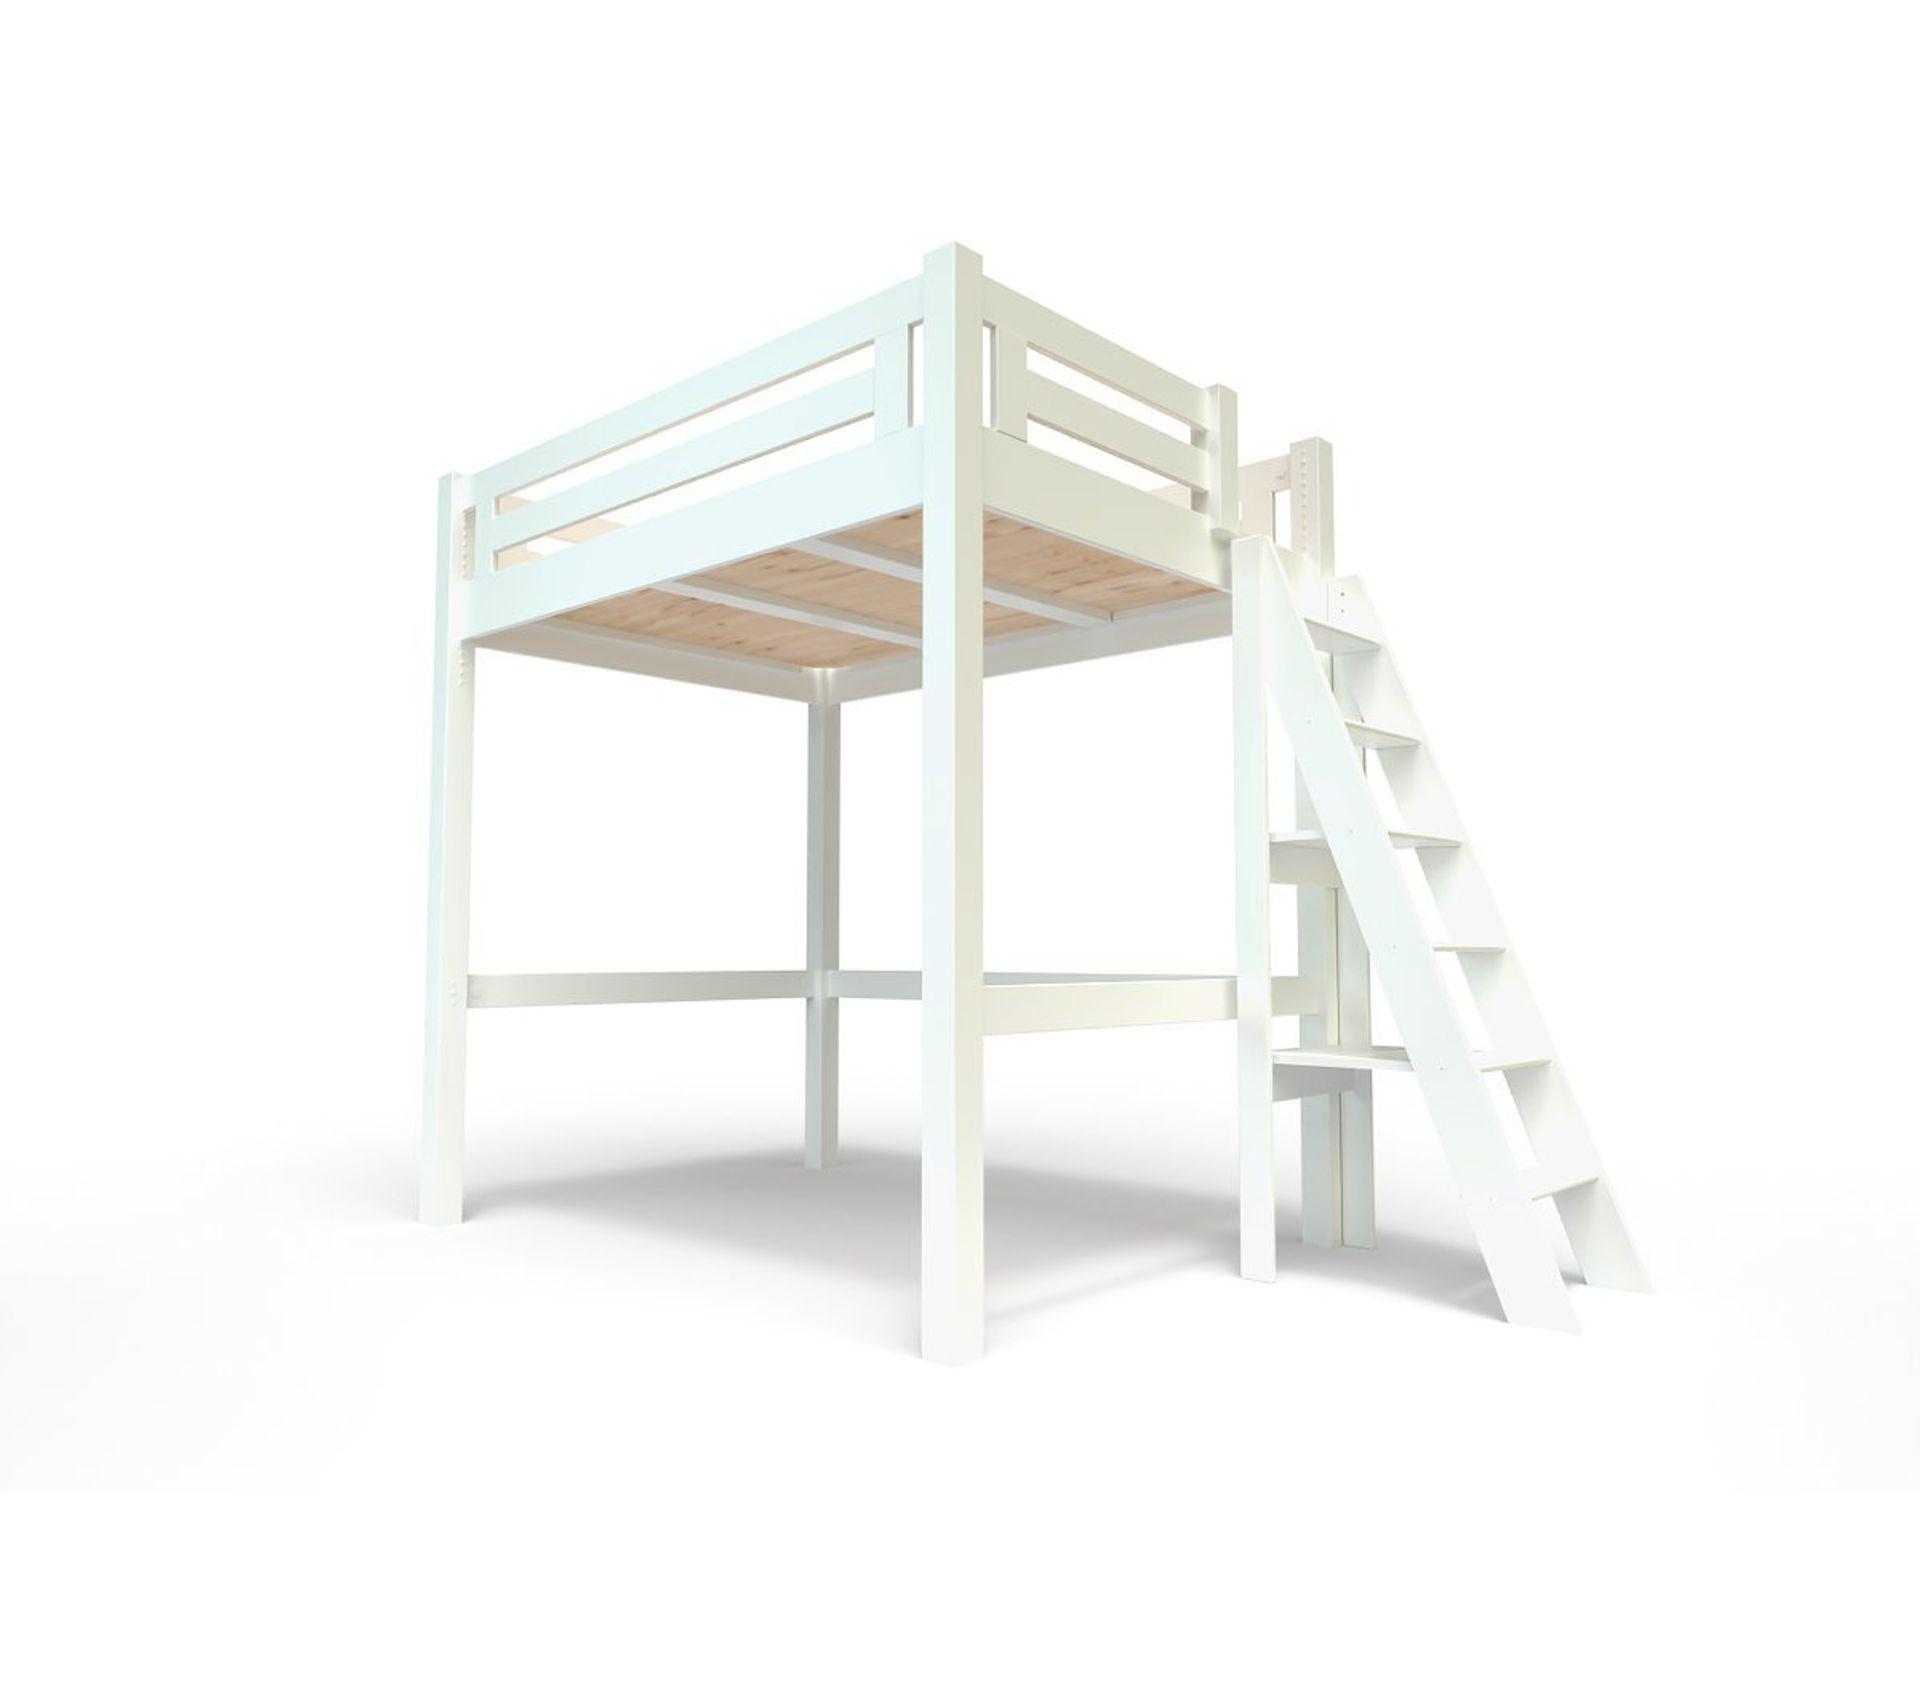 Lit Mezzanine 2 Adultes lit mezzanine alpage bois + Échelle hauteur réglable, couleur: blanc,  dimensions: 140x200